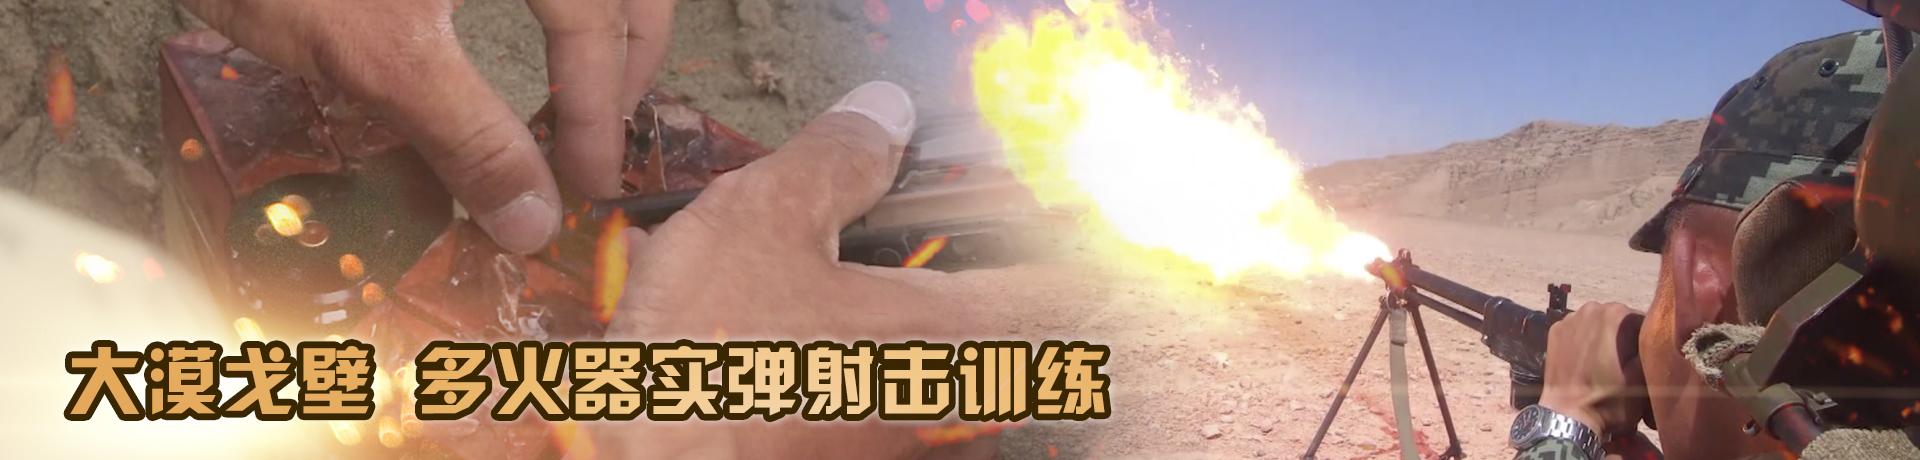 【聚焦实战化演兵场】大漠戈壁 多火器实弹射击训练